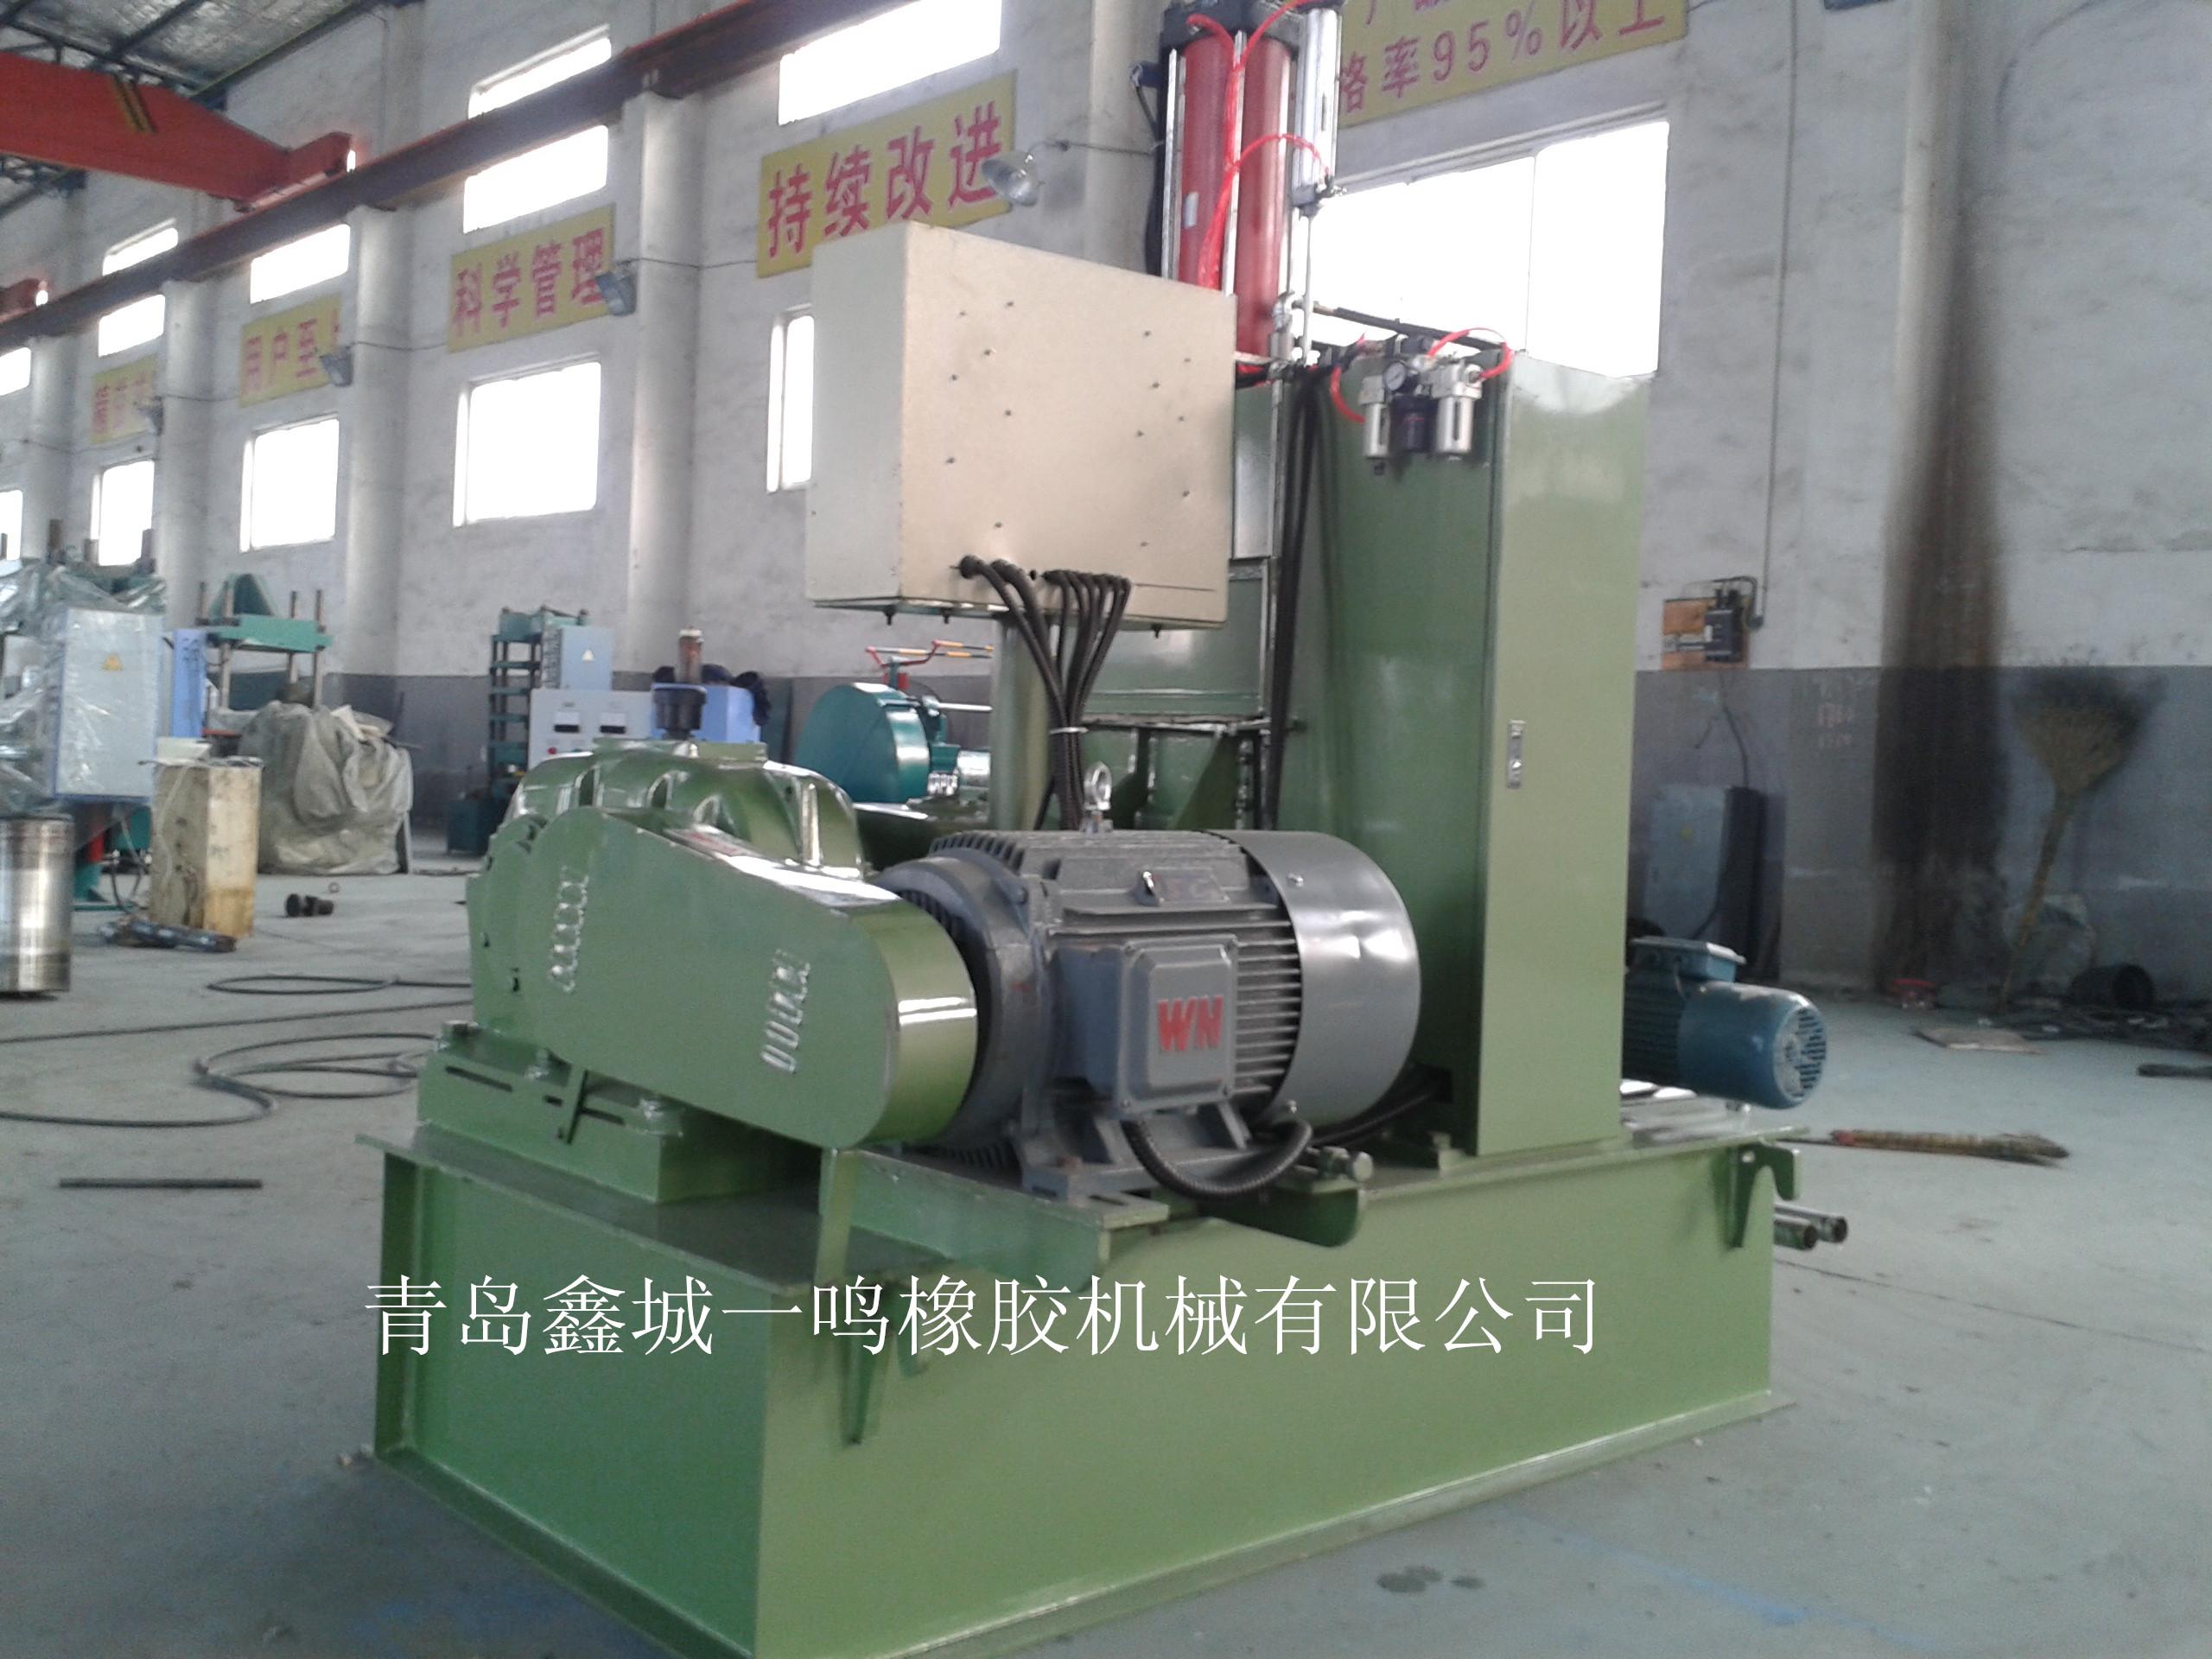 密炼机价格图片_橡胶密炼机_优质密炼机_青岛密炼机厂家